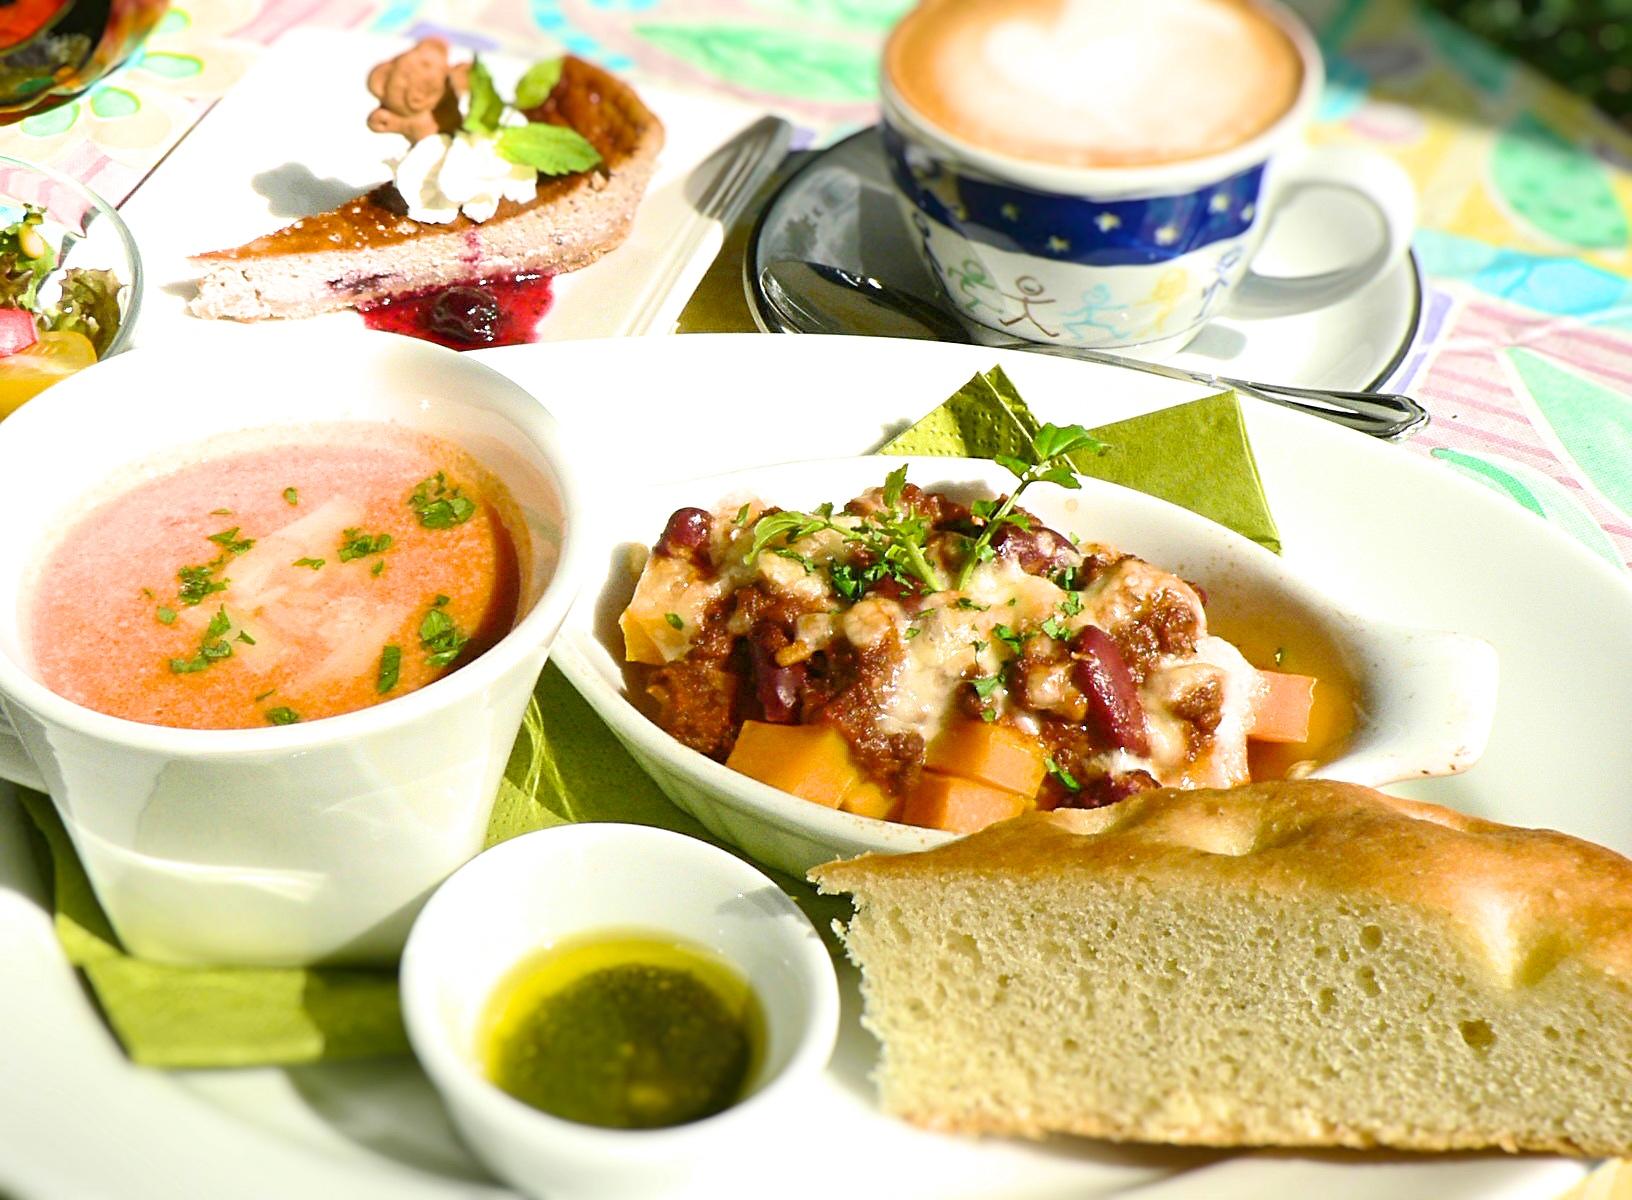 オーブン料理とスープ、自家製フォカッチャのランチプレートが人気です